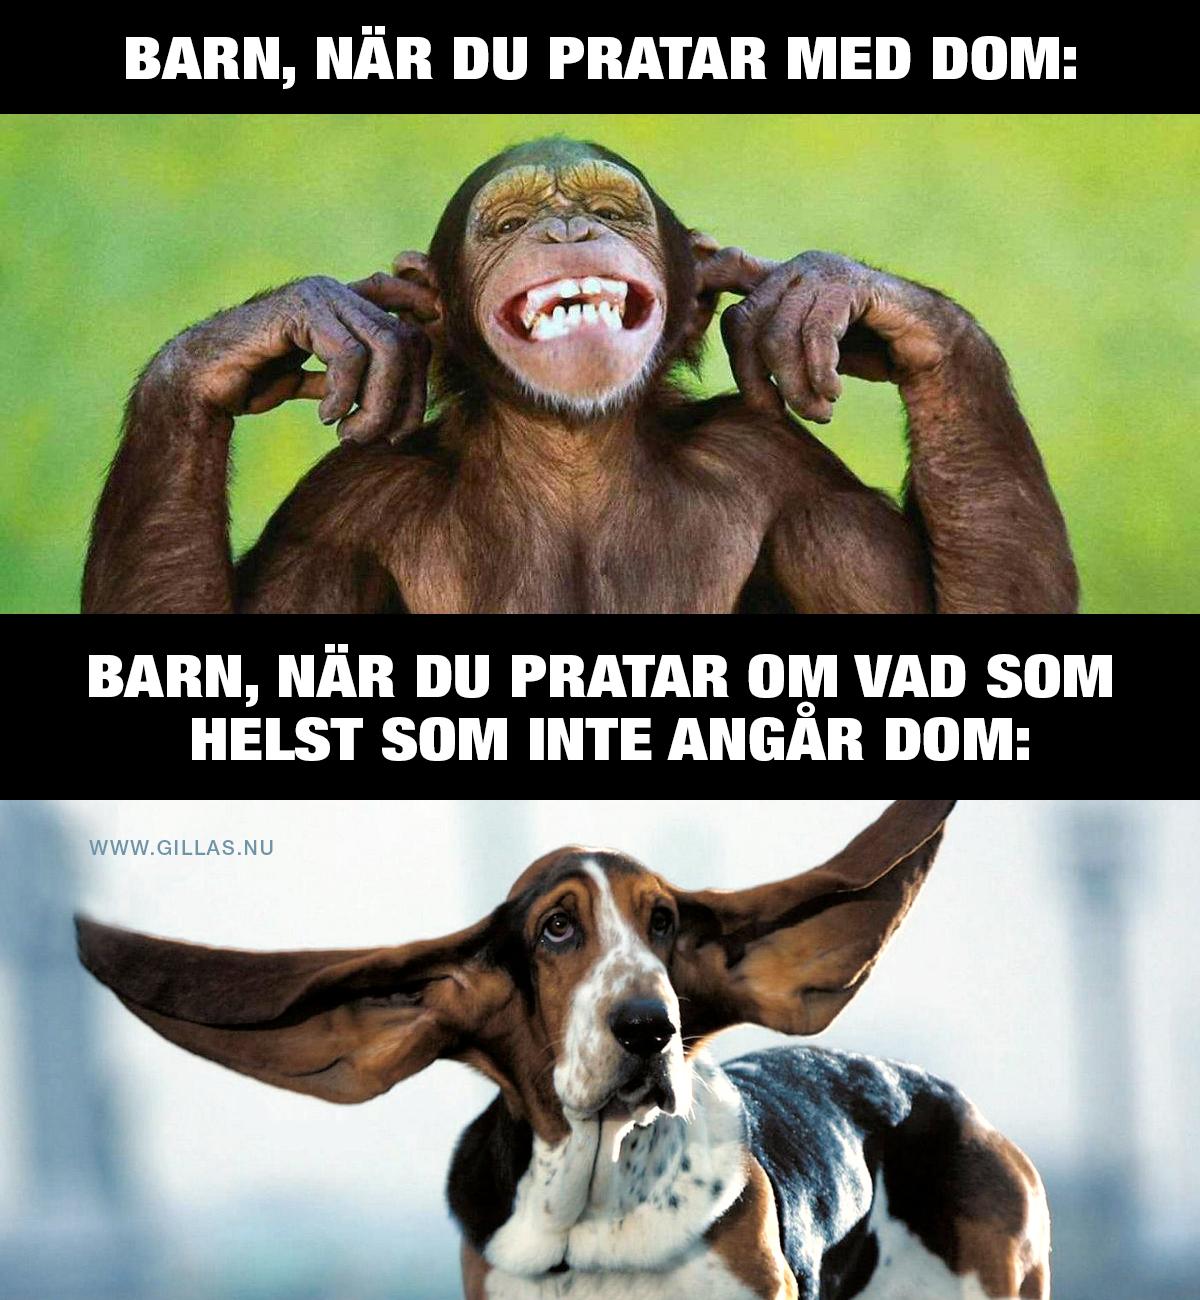 Apa som håller för öronen och hund med stora öron - Barn, när du pratar med dem